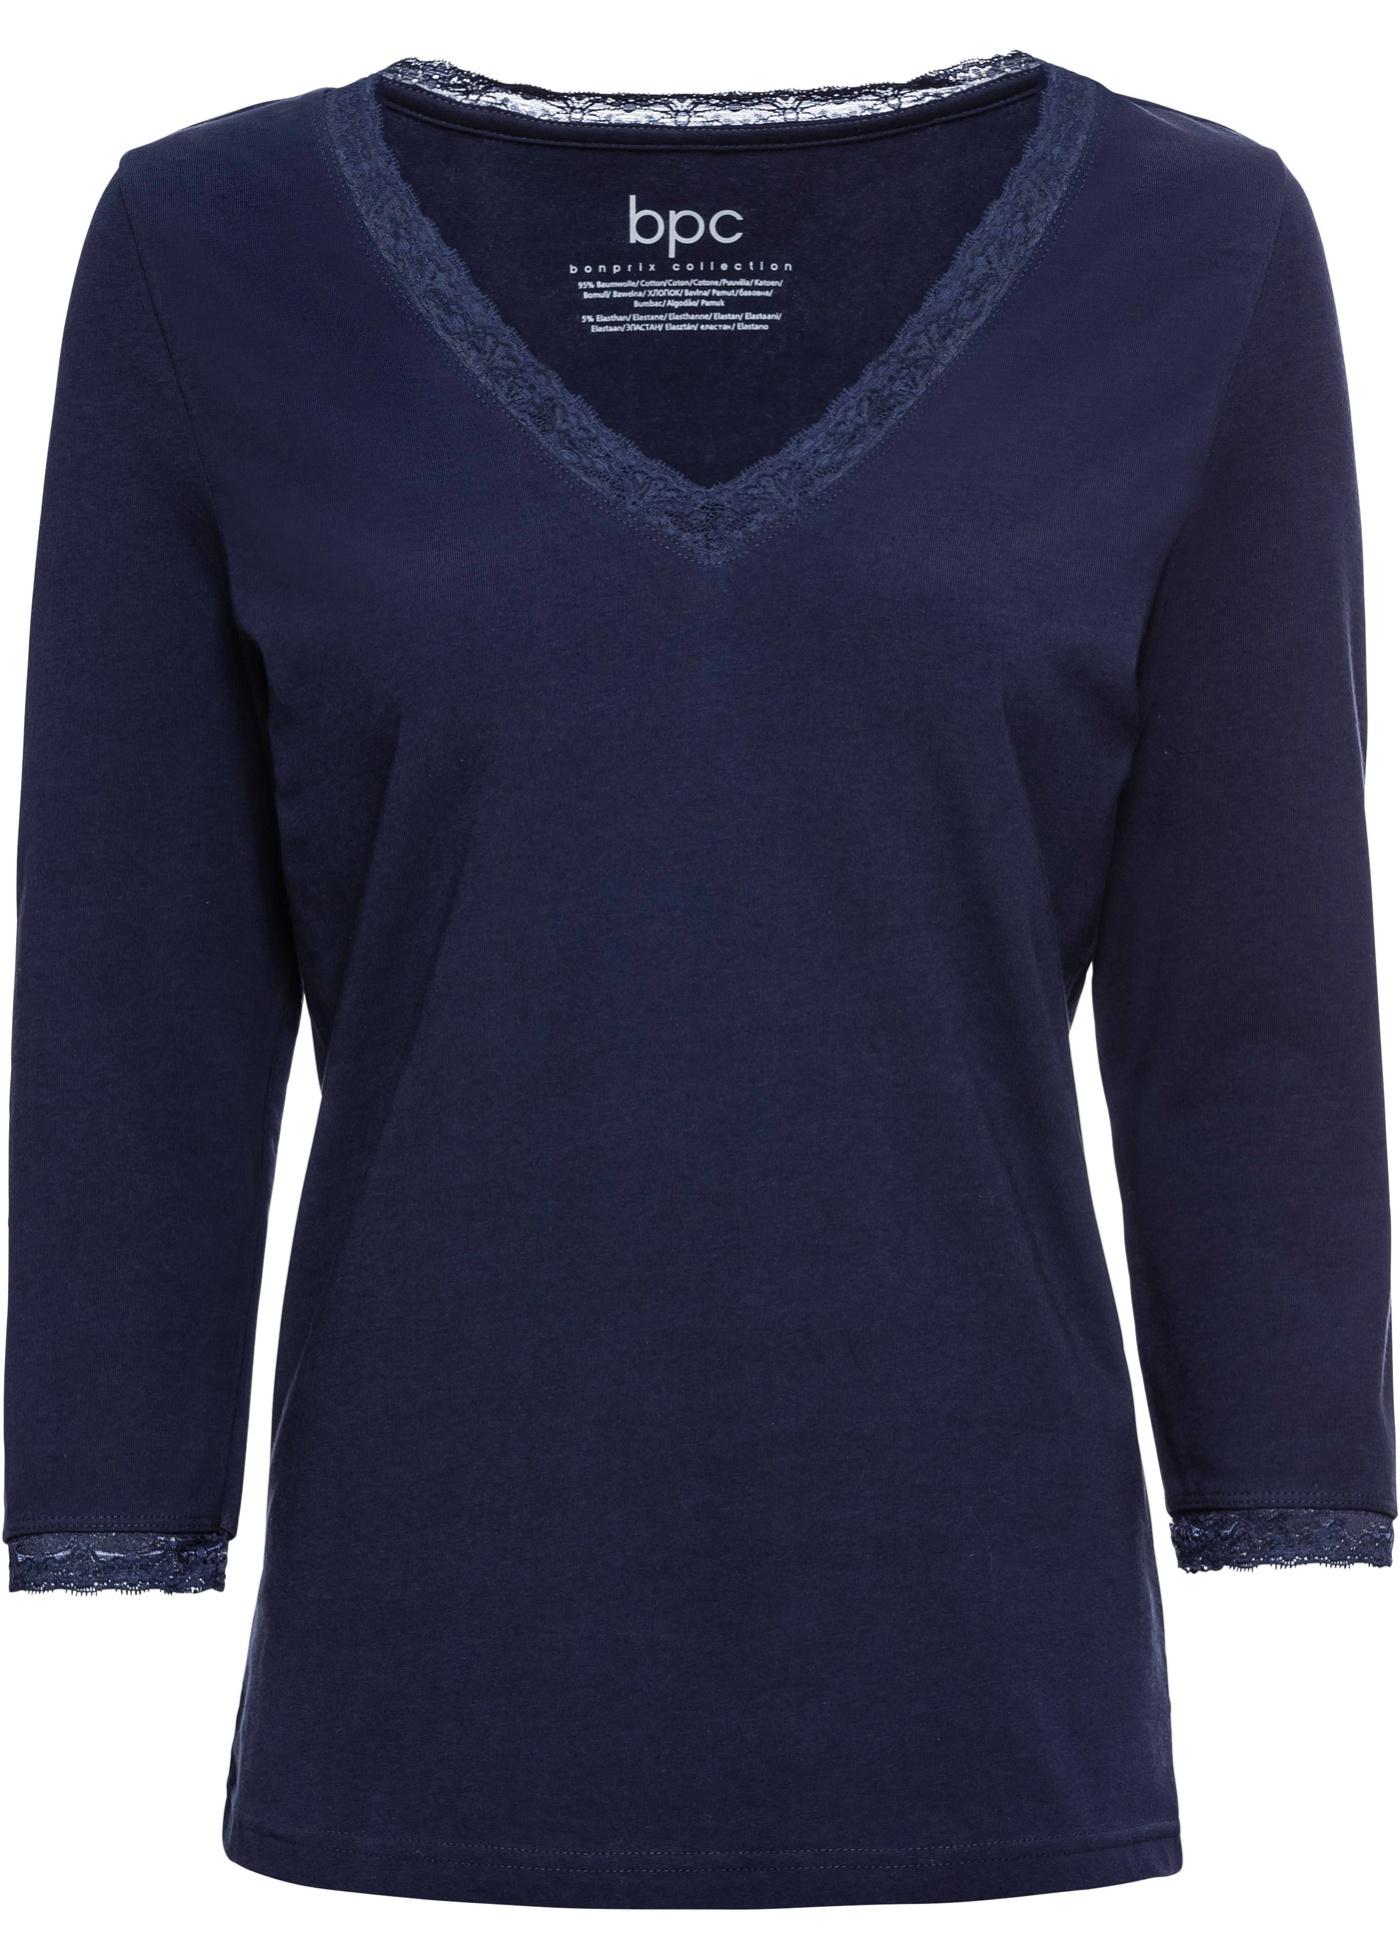 Bonprix À Pour shirt CollectionT Nuit 3 4 Femme Bpc Manches De Bleu yn0Om8Nvw